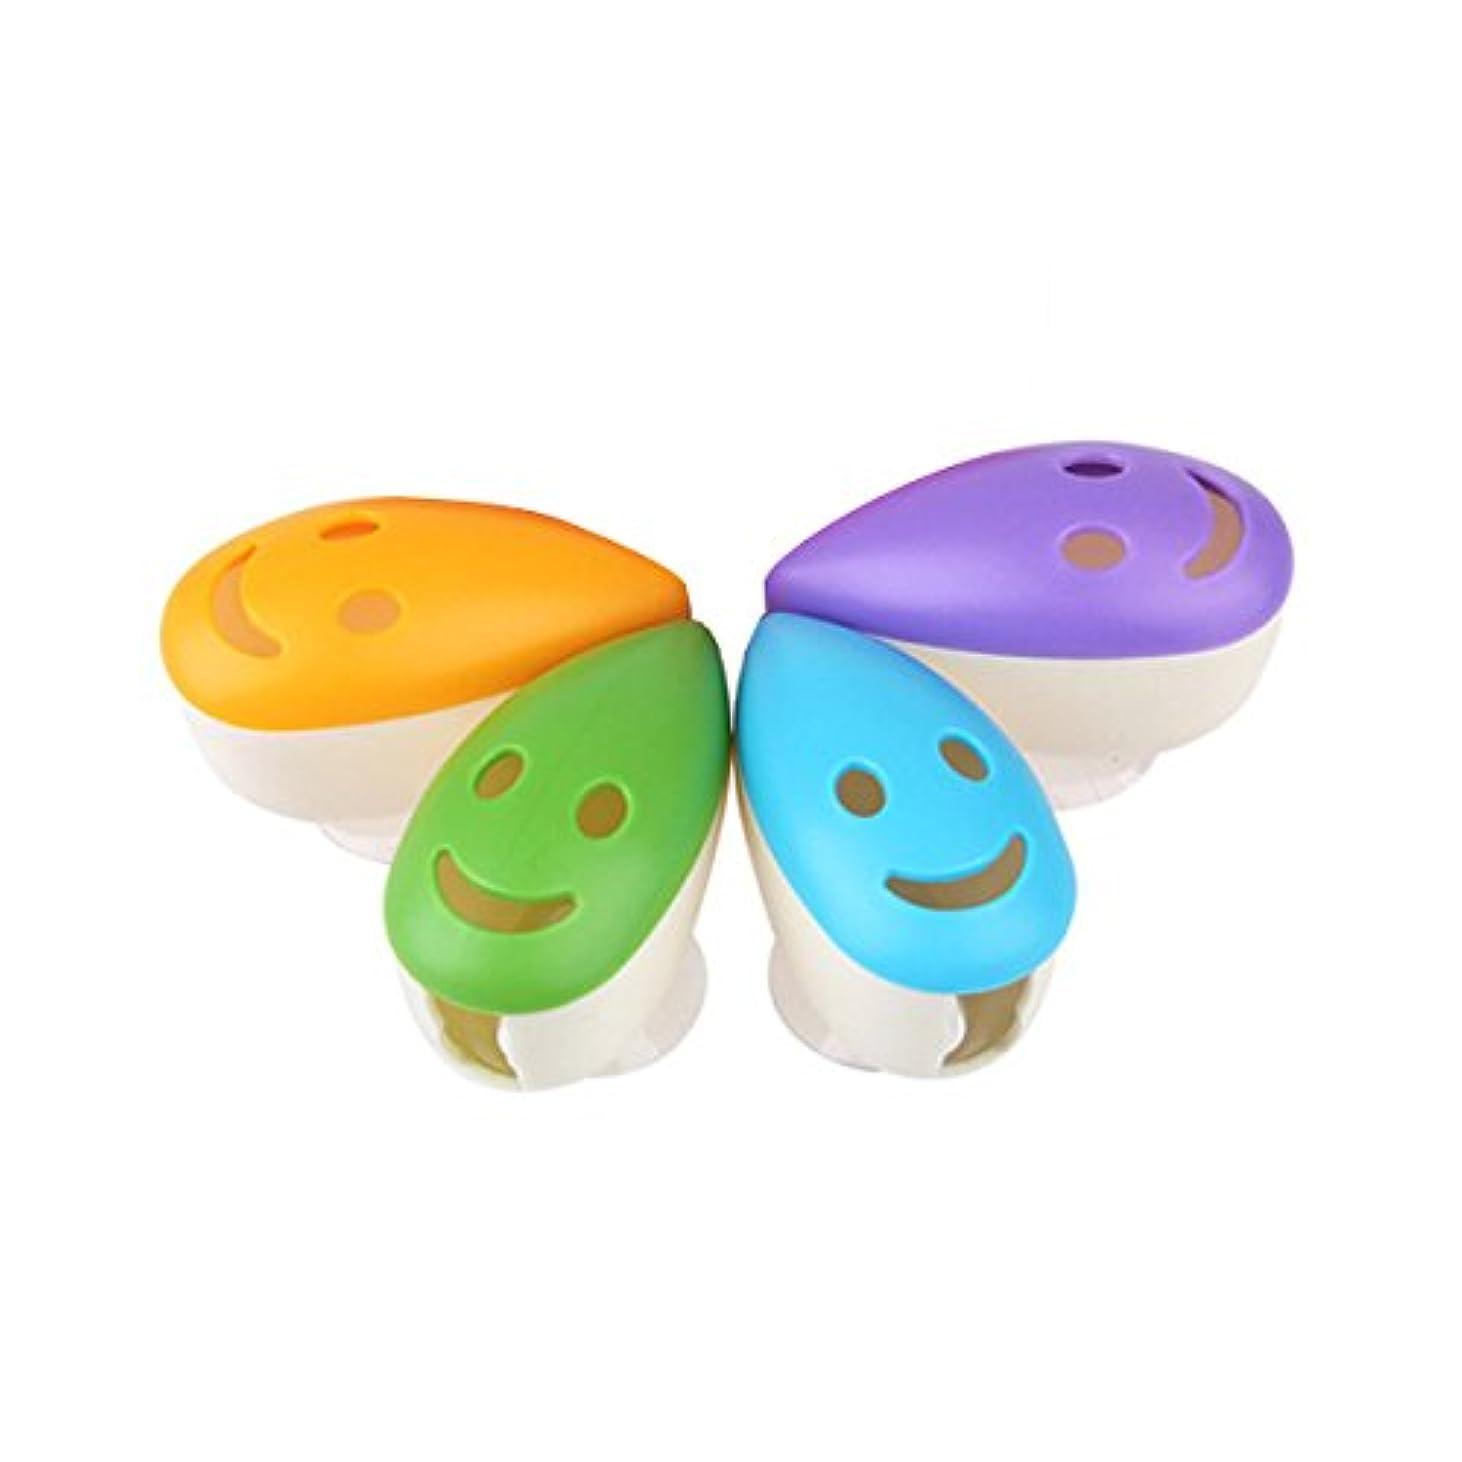 減らすディスクピッチROSENICE スマイルフェイス抗菌歯ブラシヘッドホルダーサクションカップ4本用